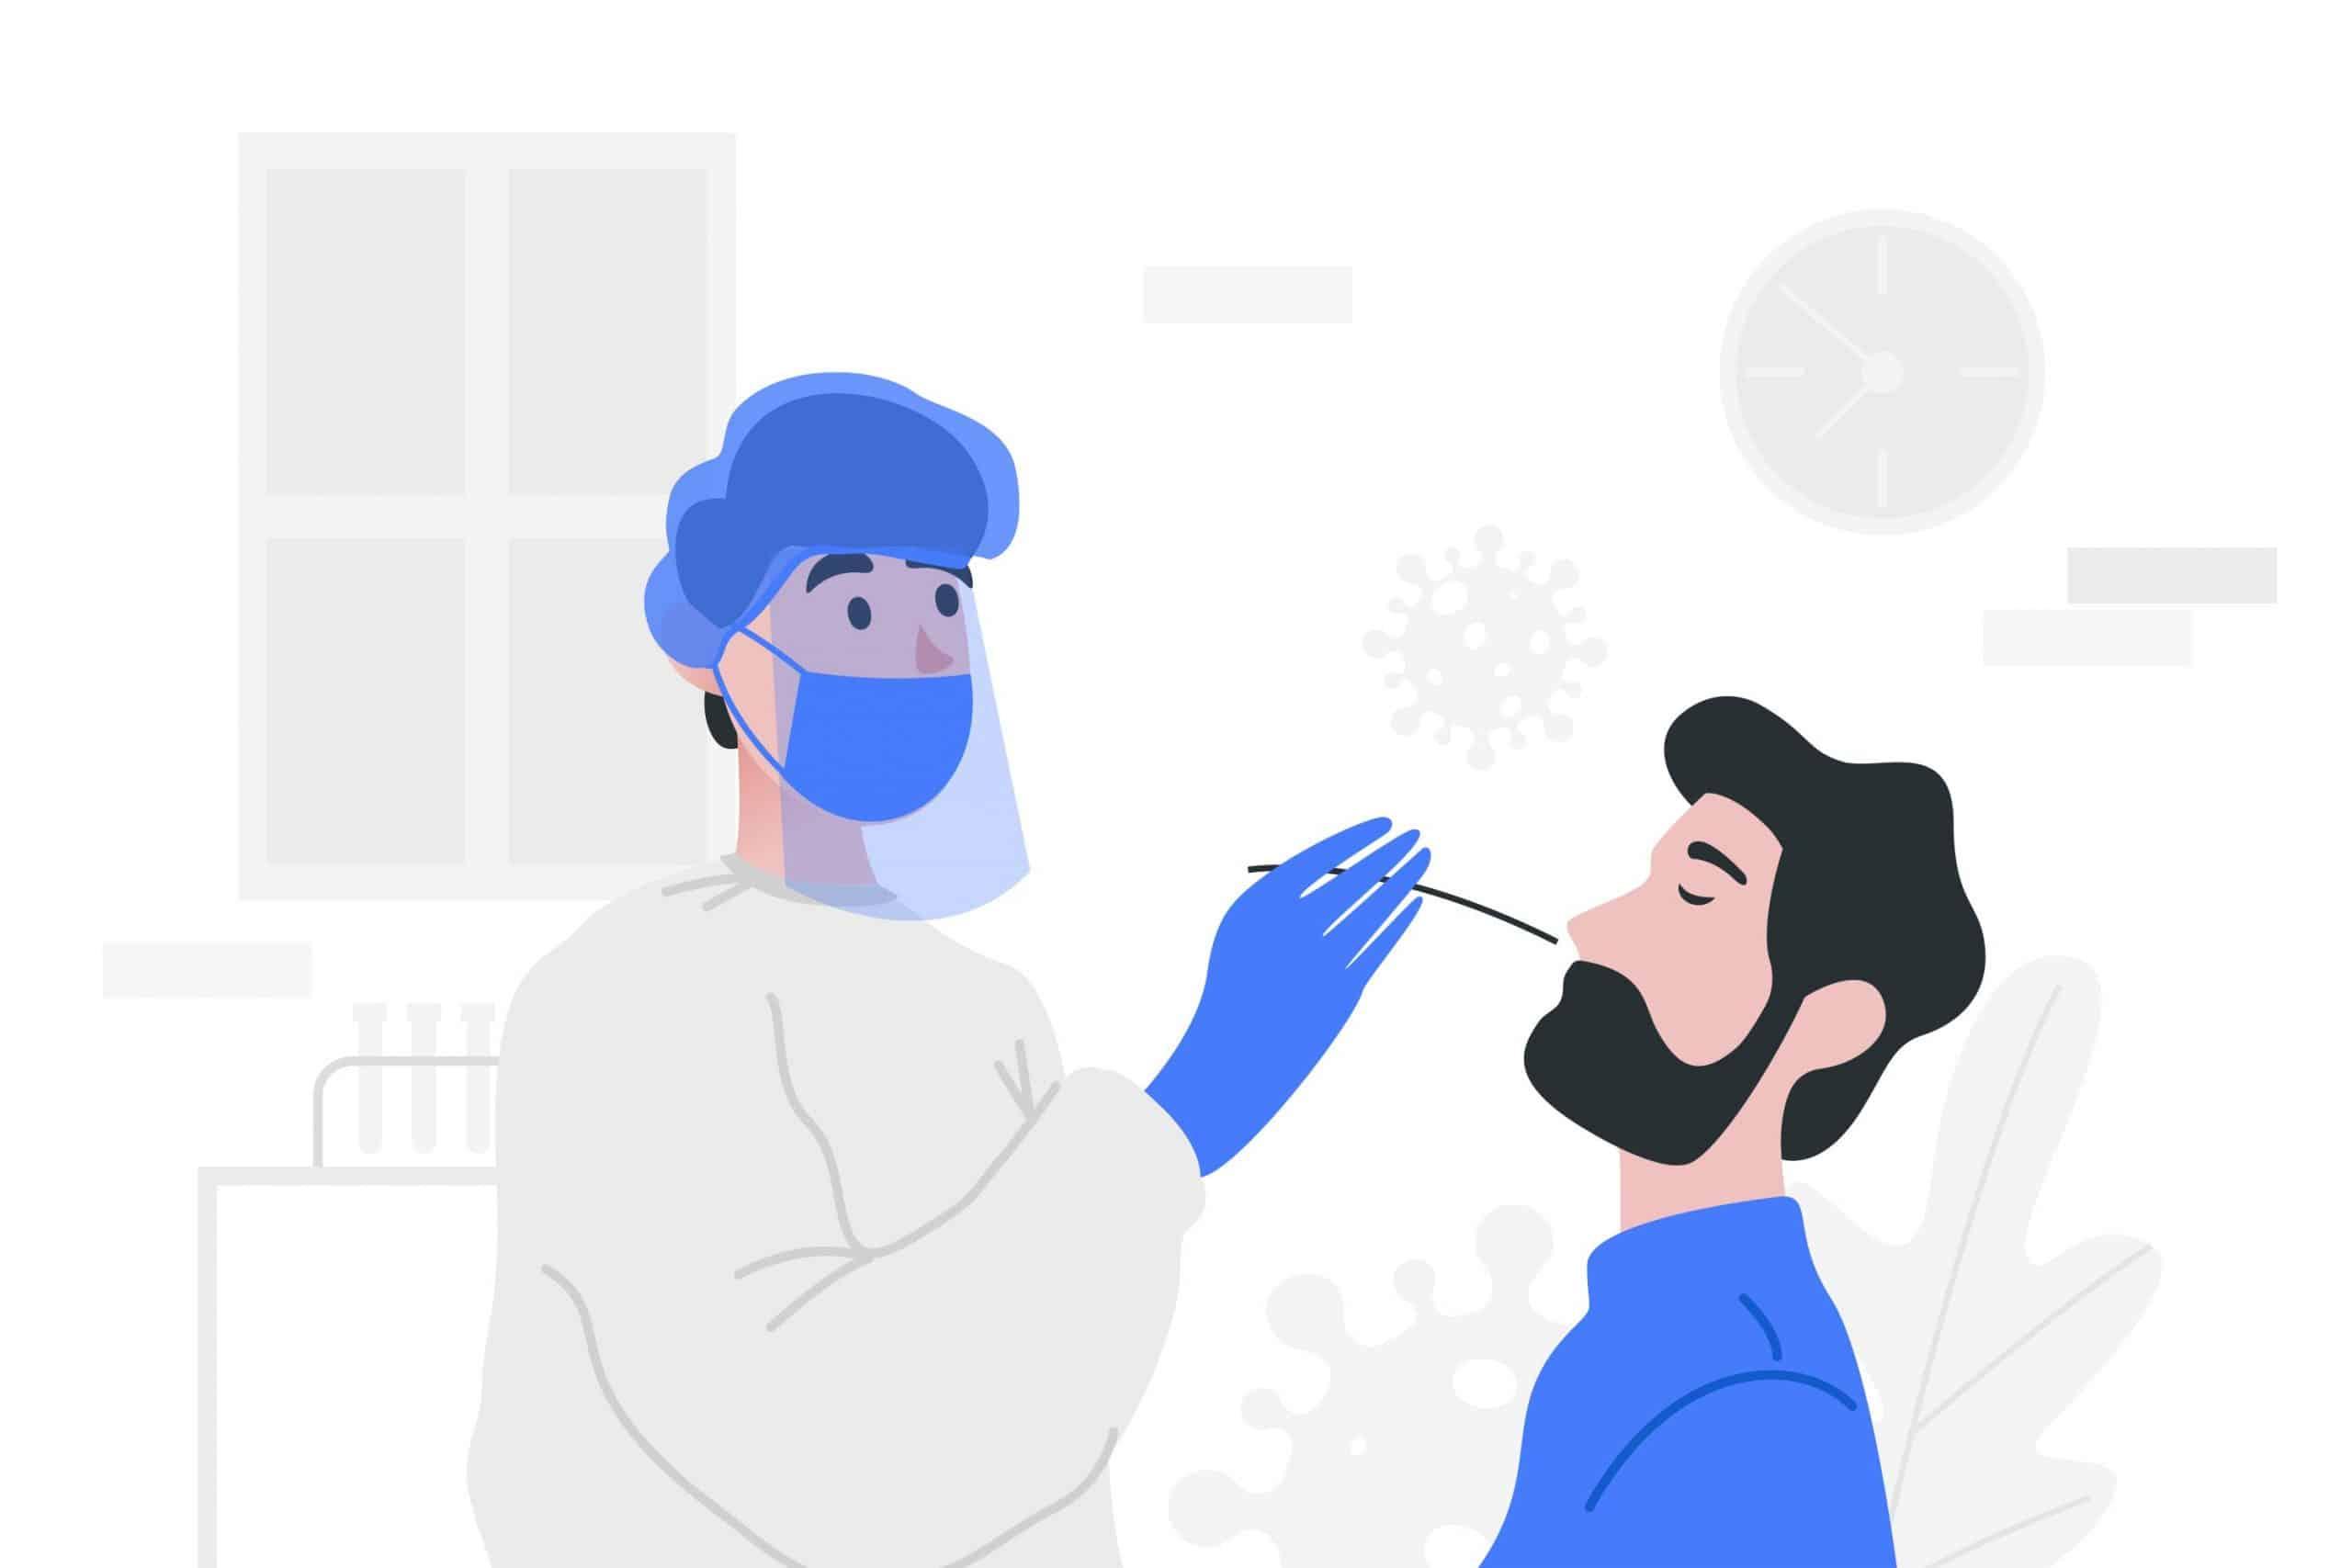 illustrazione di tampone in corso: infermiera inserisce il tampone nel naso del paziente